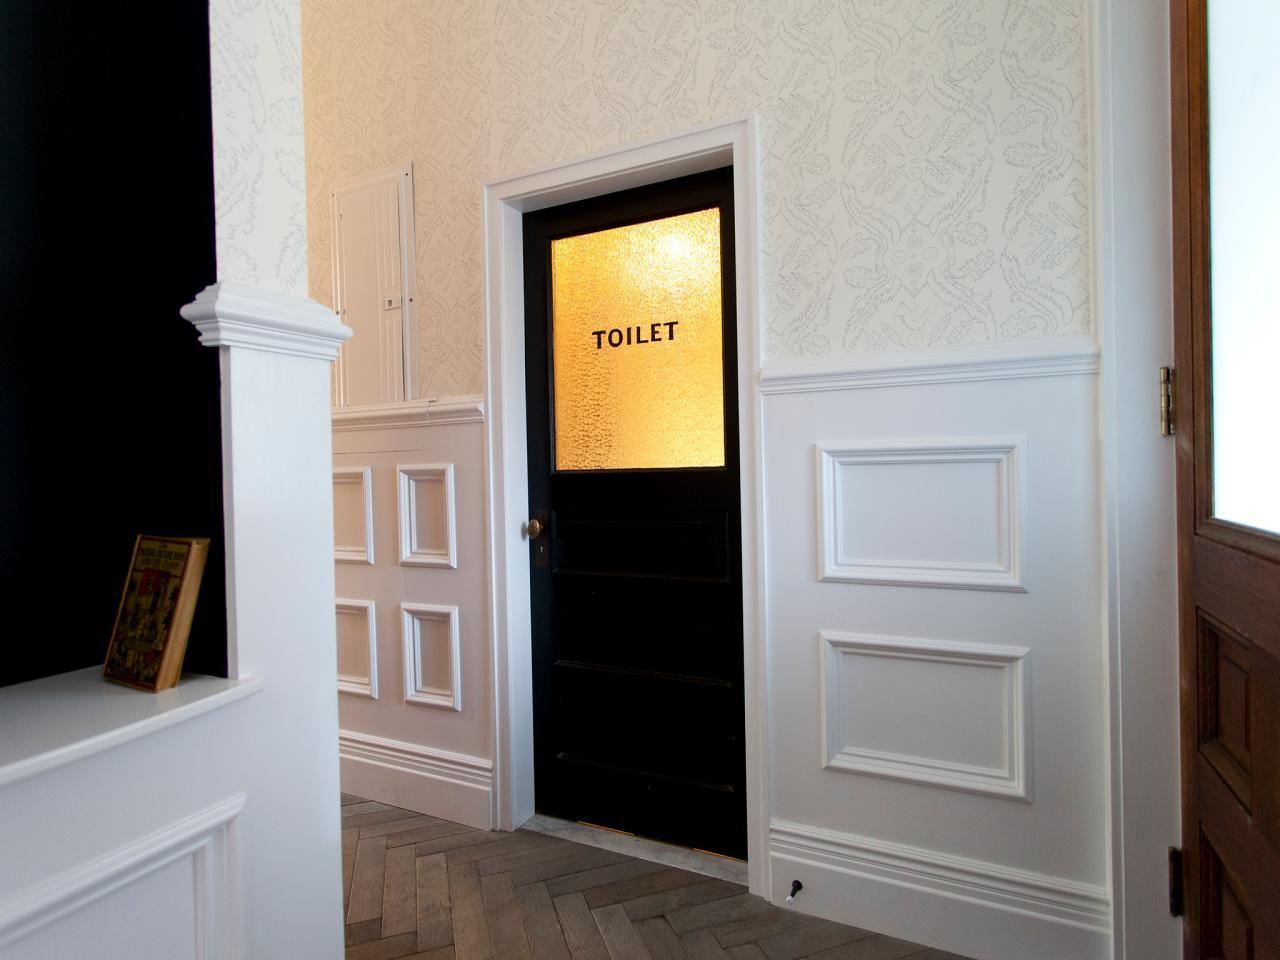 Designer Genevieve Gorder kept the original antique bathroom door ...